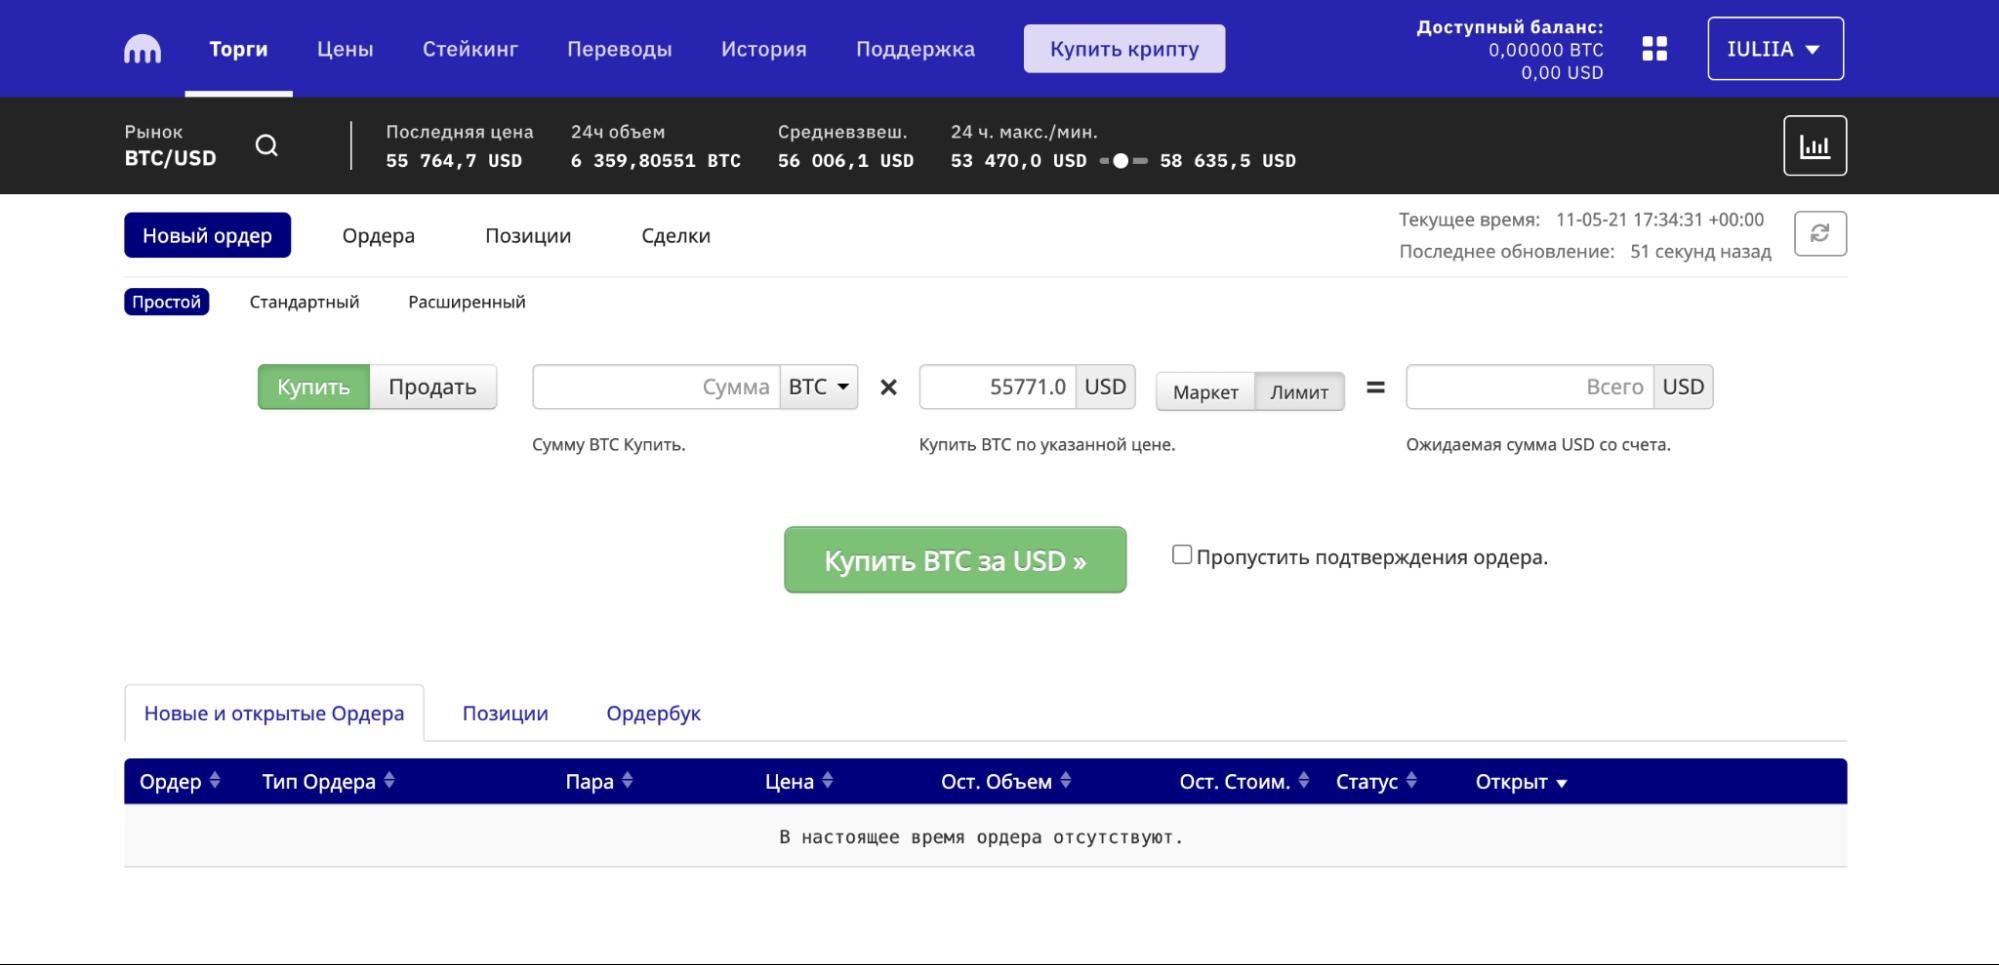 Кракен - простой торговый интерфейс на русском языке